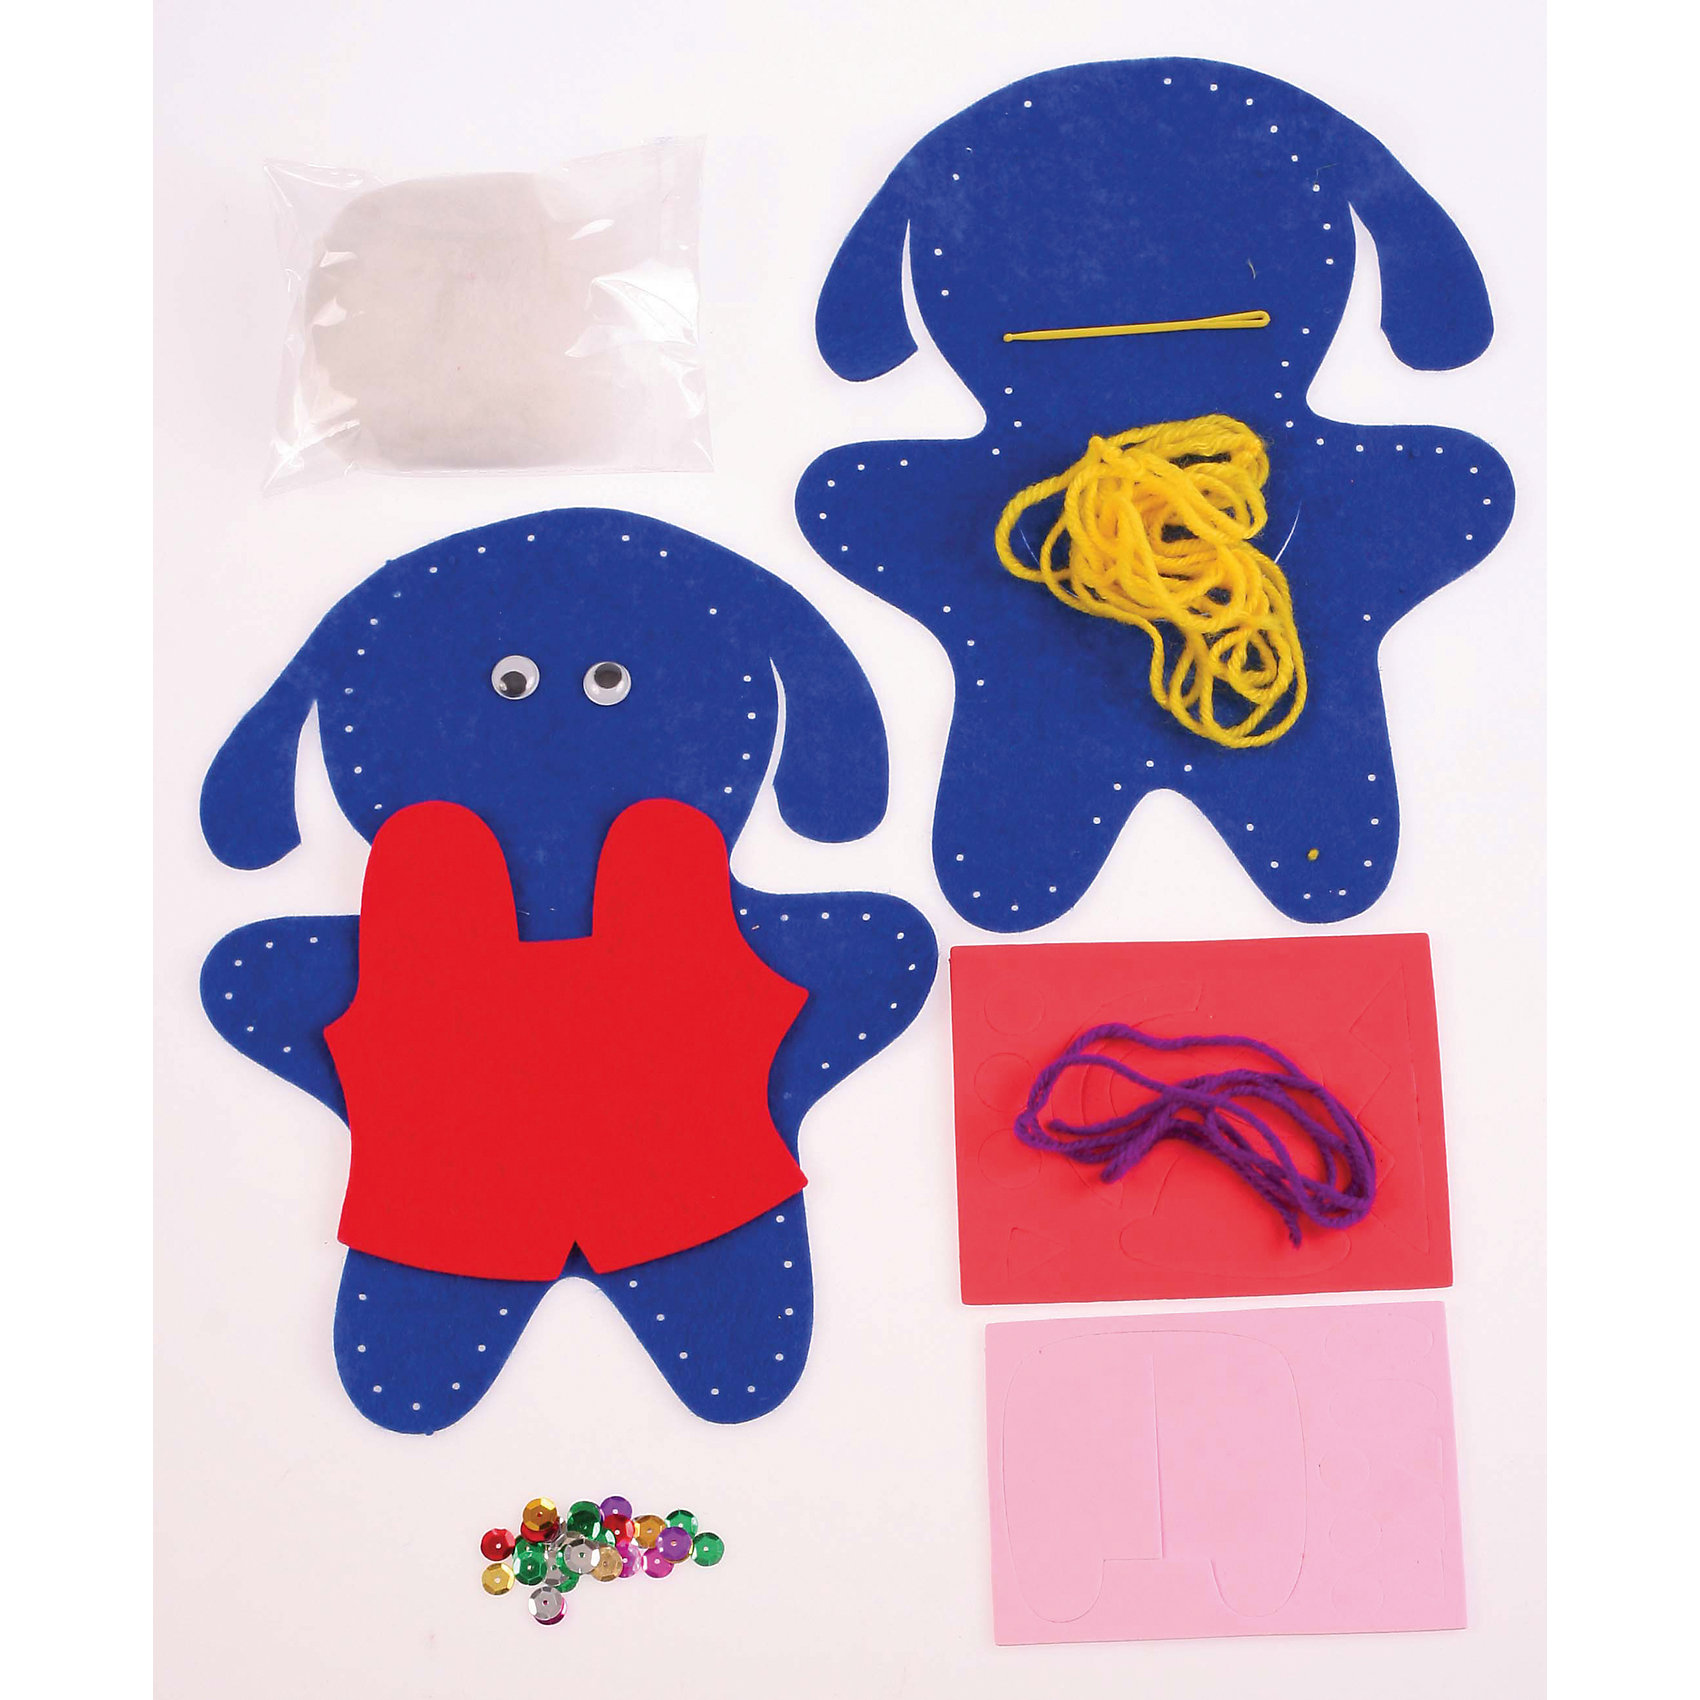 Centrum Набор Сшей игрушку из тканей (флис, фетр). Ассорти: Кошка, Медведь, ДевочкаРукоделие<br>Набор Сшей игрушку из тканей (флис, фетр). Ассорти: Кошка, Медведь, Девочка<br><br>Ширина мм: 5<br>Глубина мм: 225<br>Высота мм: 310<br>Вес г: 76<br>Возраст от месяцев: 72<br>Возраст до месяцев: 2147483647<br>Пол: Унисекс<br>Возраст: Детский<br>SKU: 6846771